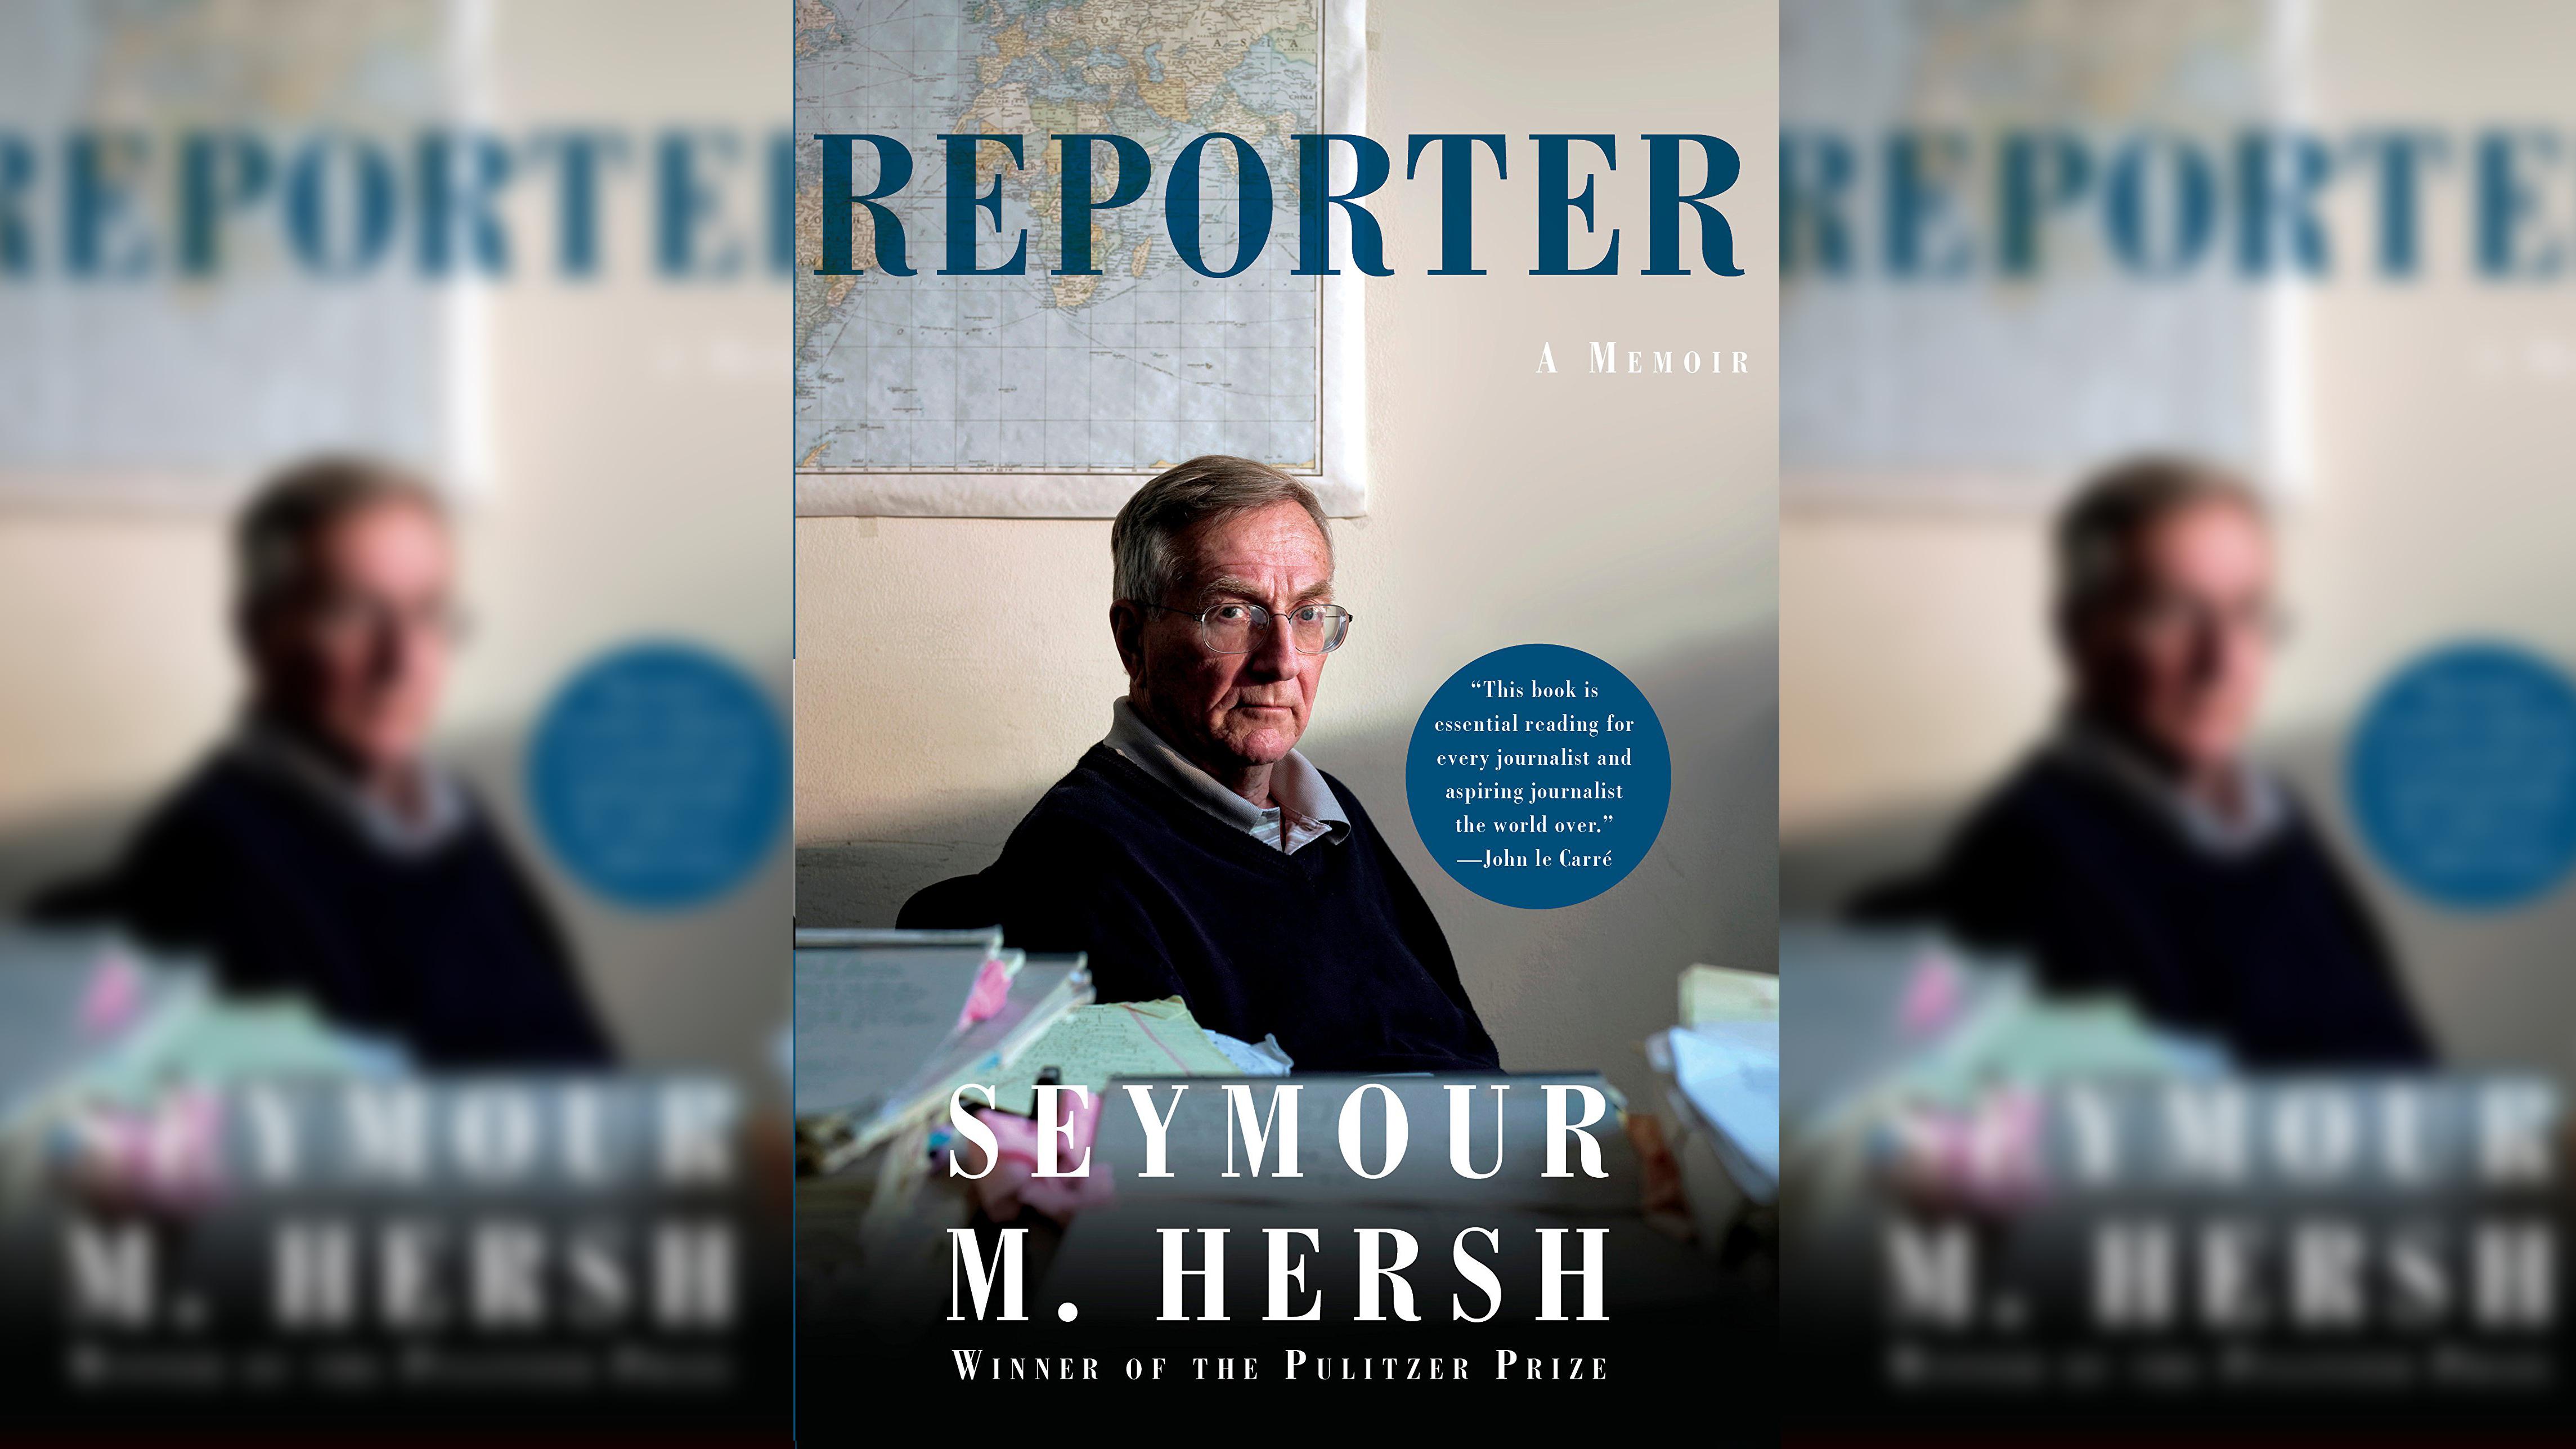 Taibbi: Seymour Hersh's Memoir Is Full of Useful Reporting Secrets